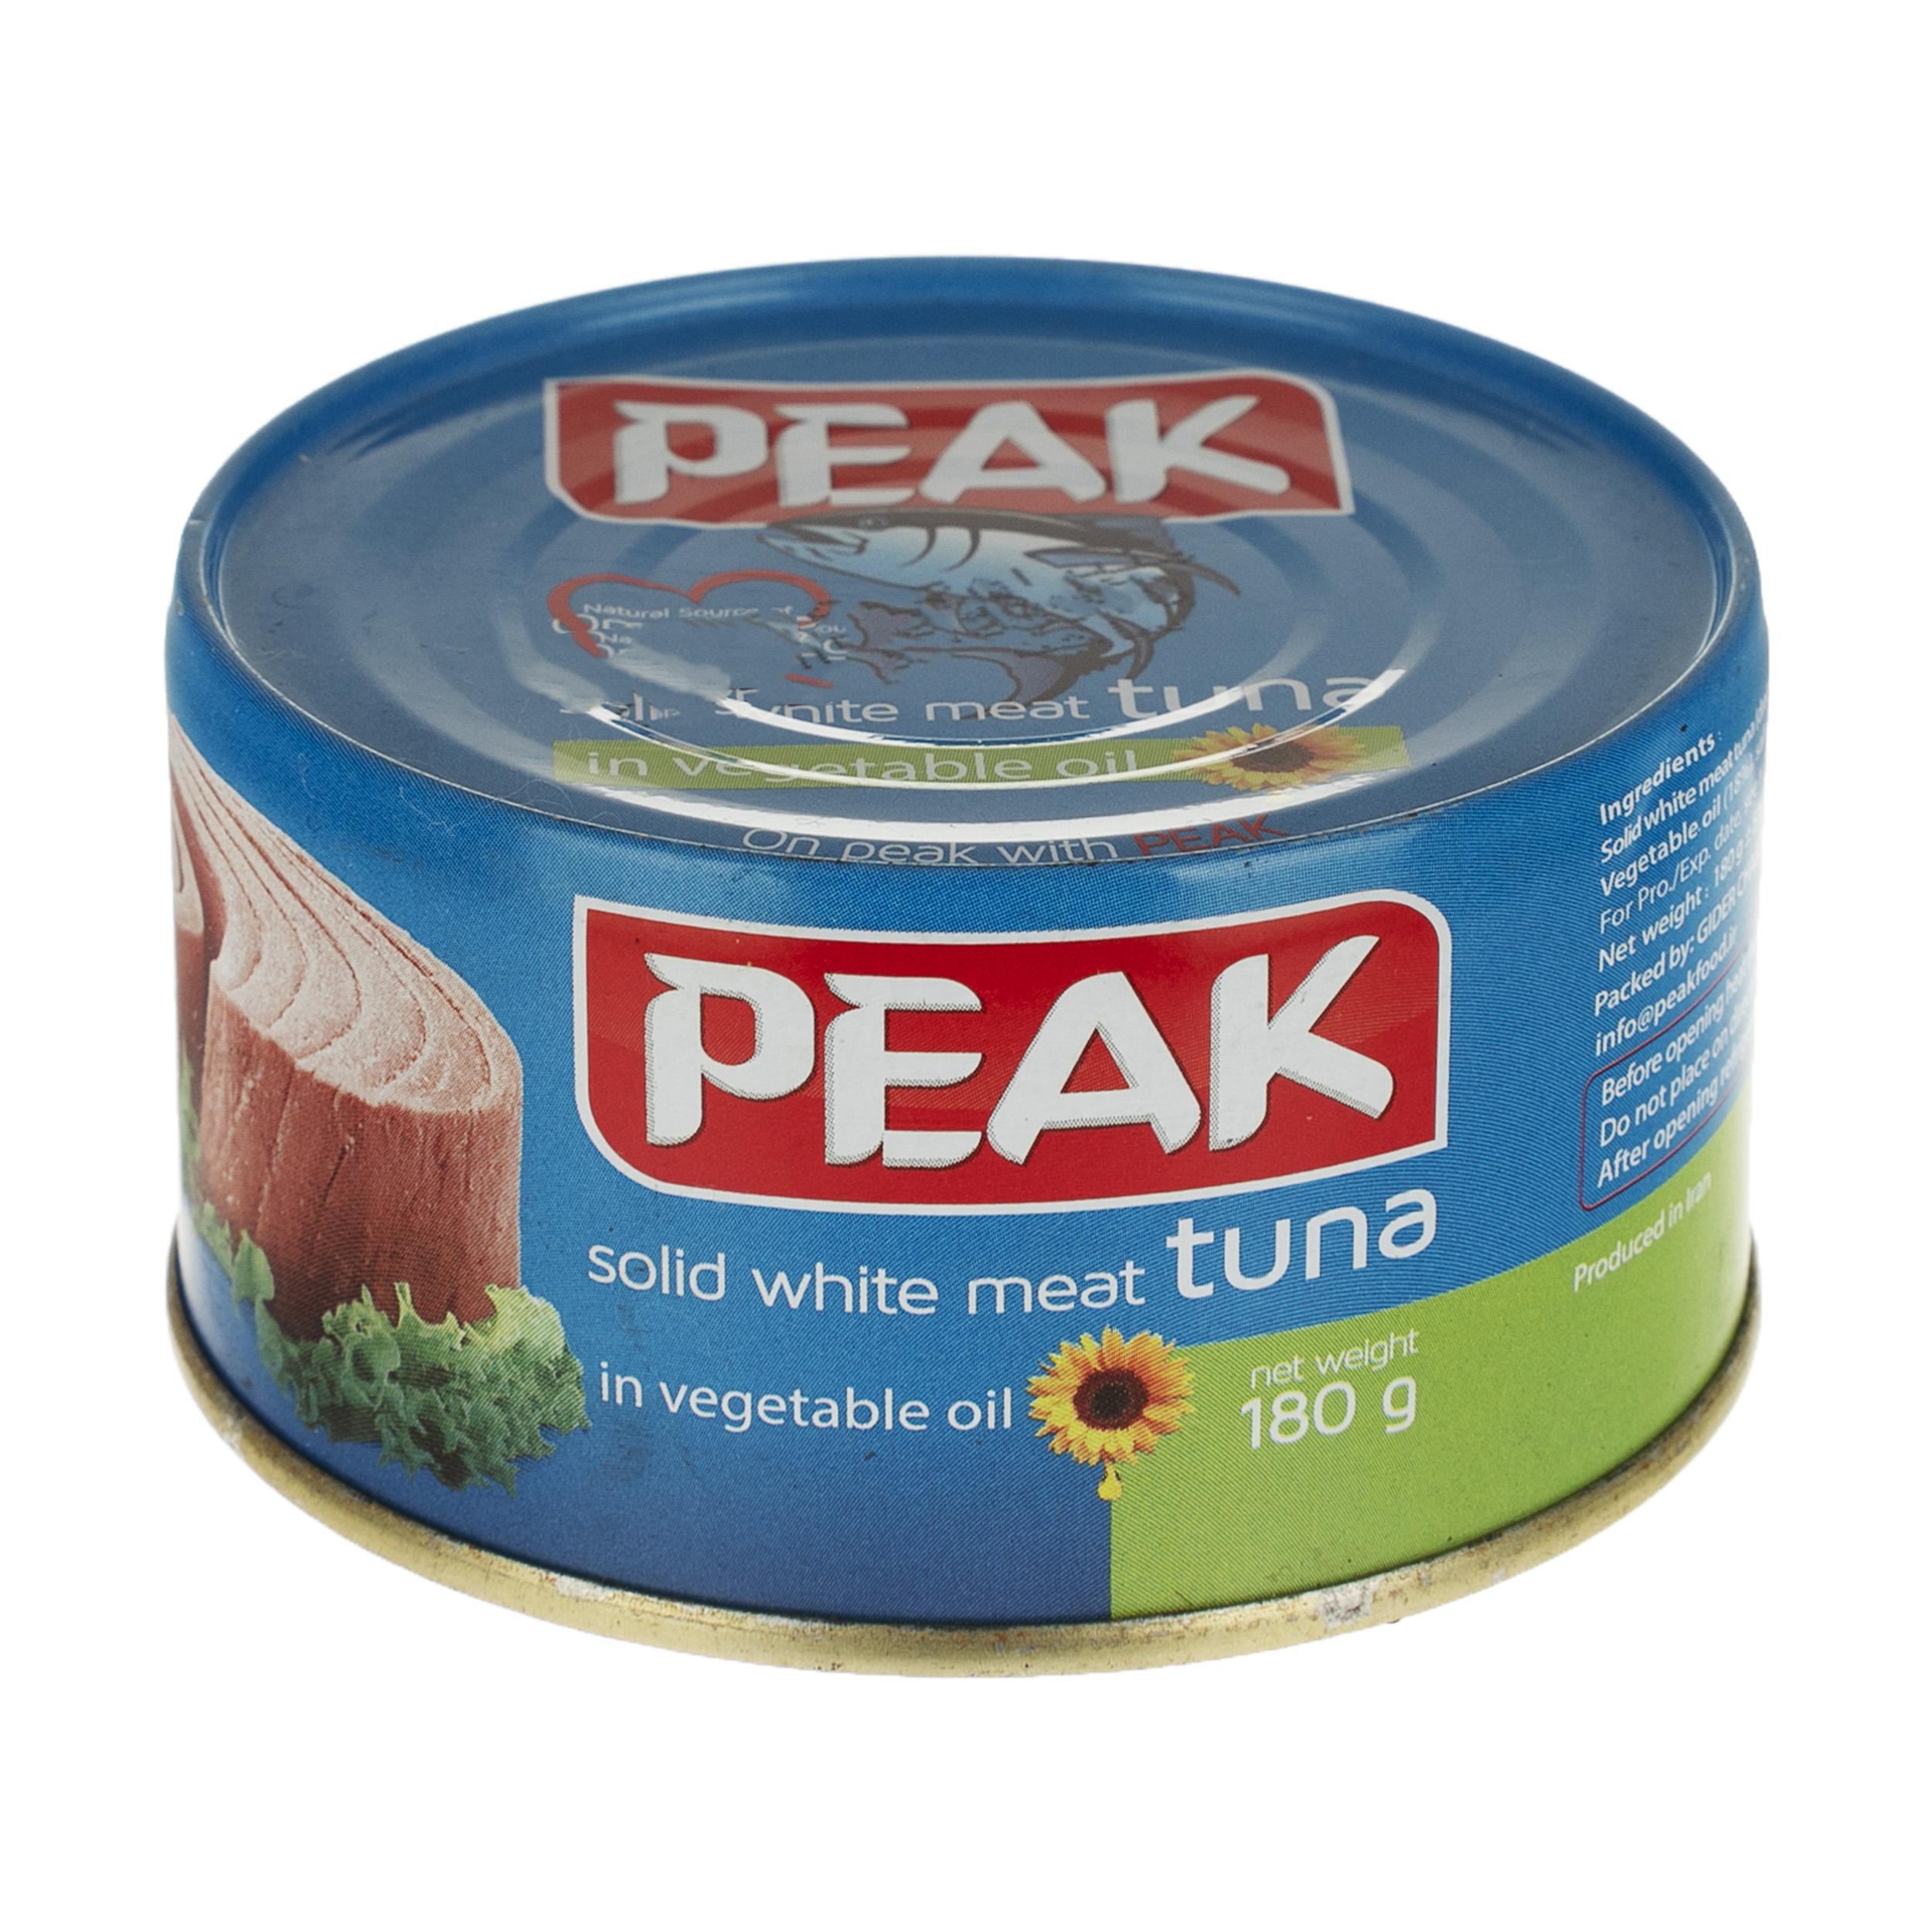 فیله ماهی تن در روغن گیاهی پیک - 180 گرم